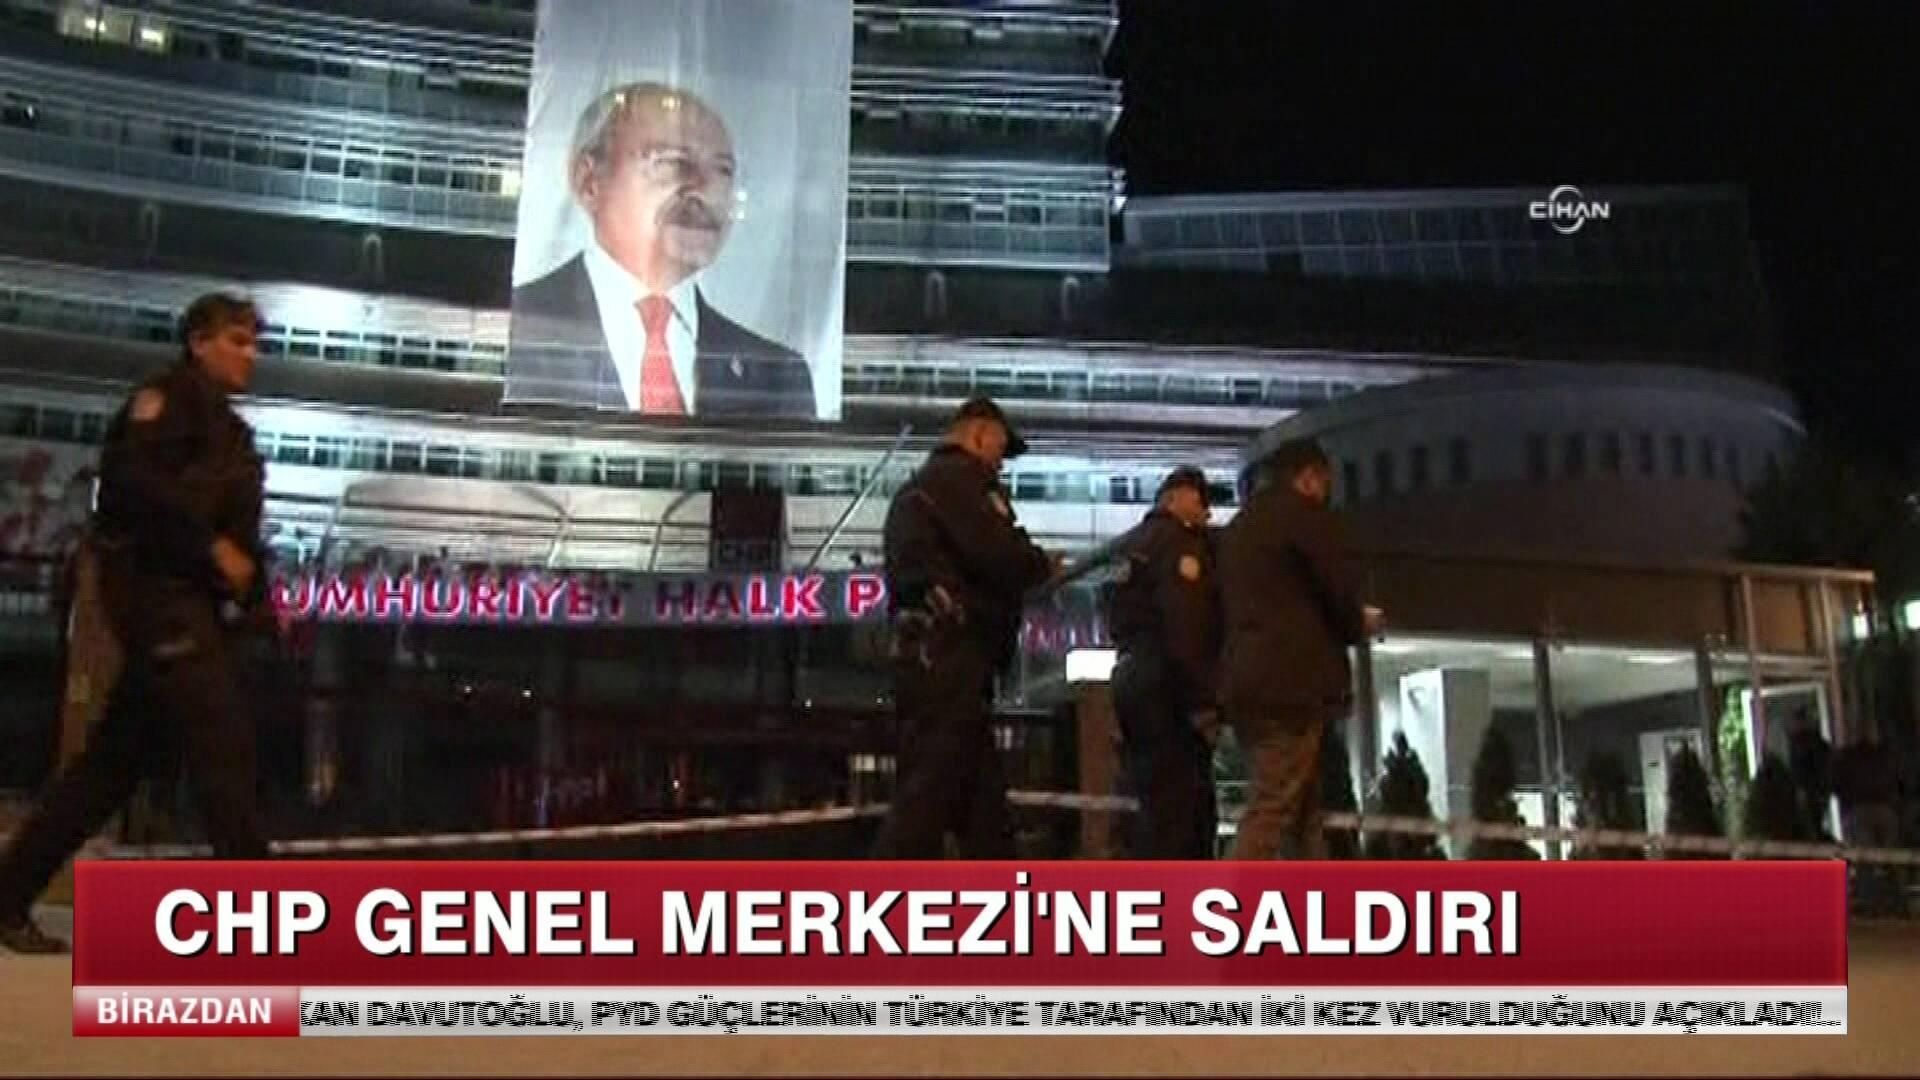 CHP Genel Merkezi'ne Saldırı!